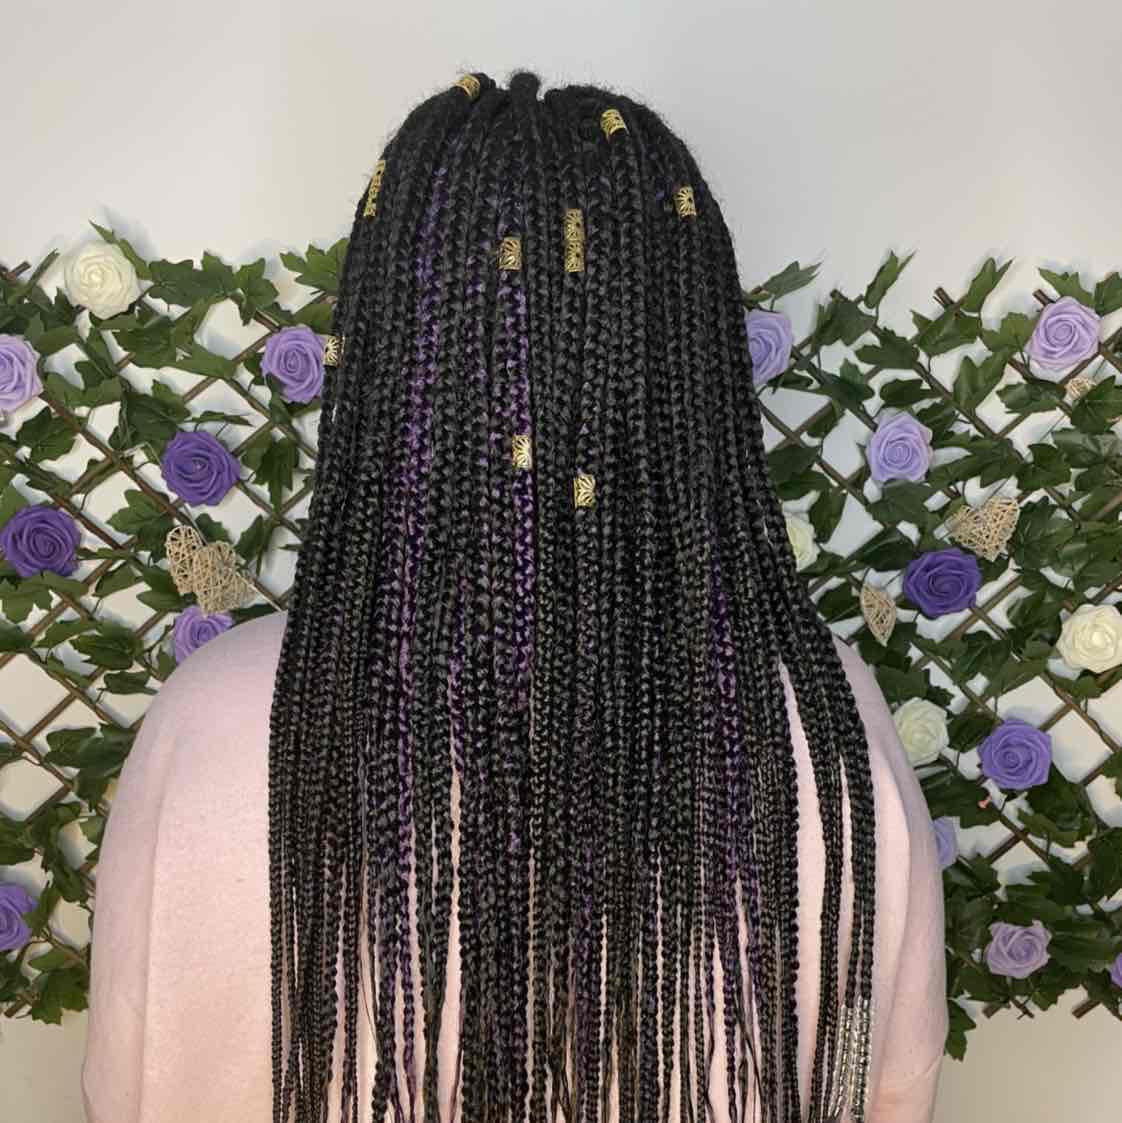 salon de coiffure afro tresse tresses box braids crochet braids vanilles tissages paris 75 77 78 91 92 93 94 95 NMNVRMCS